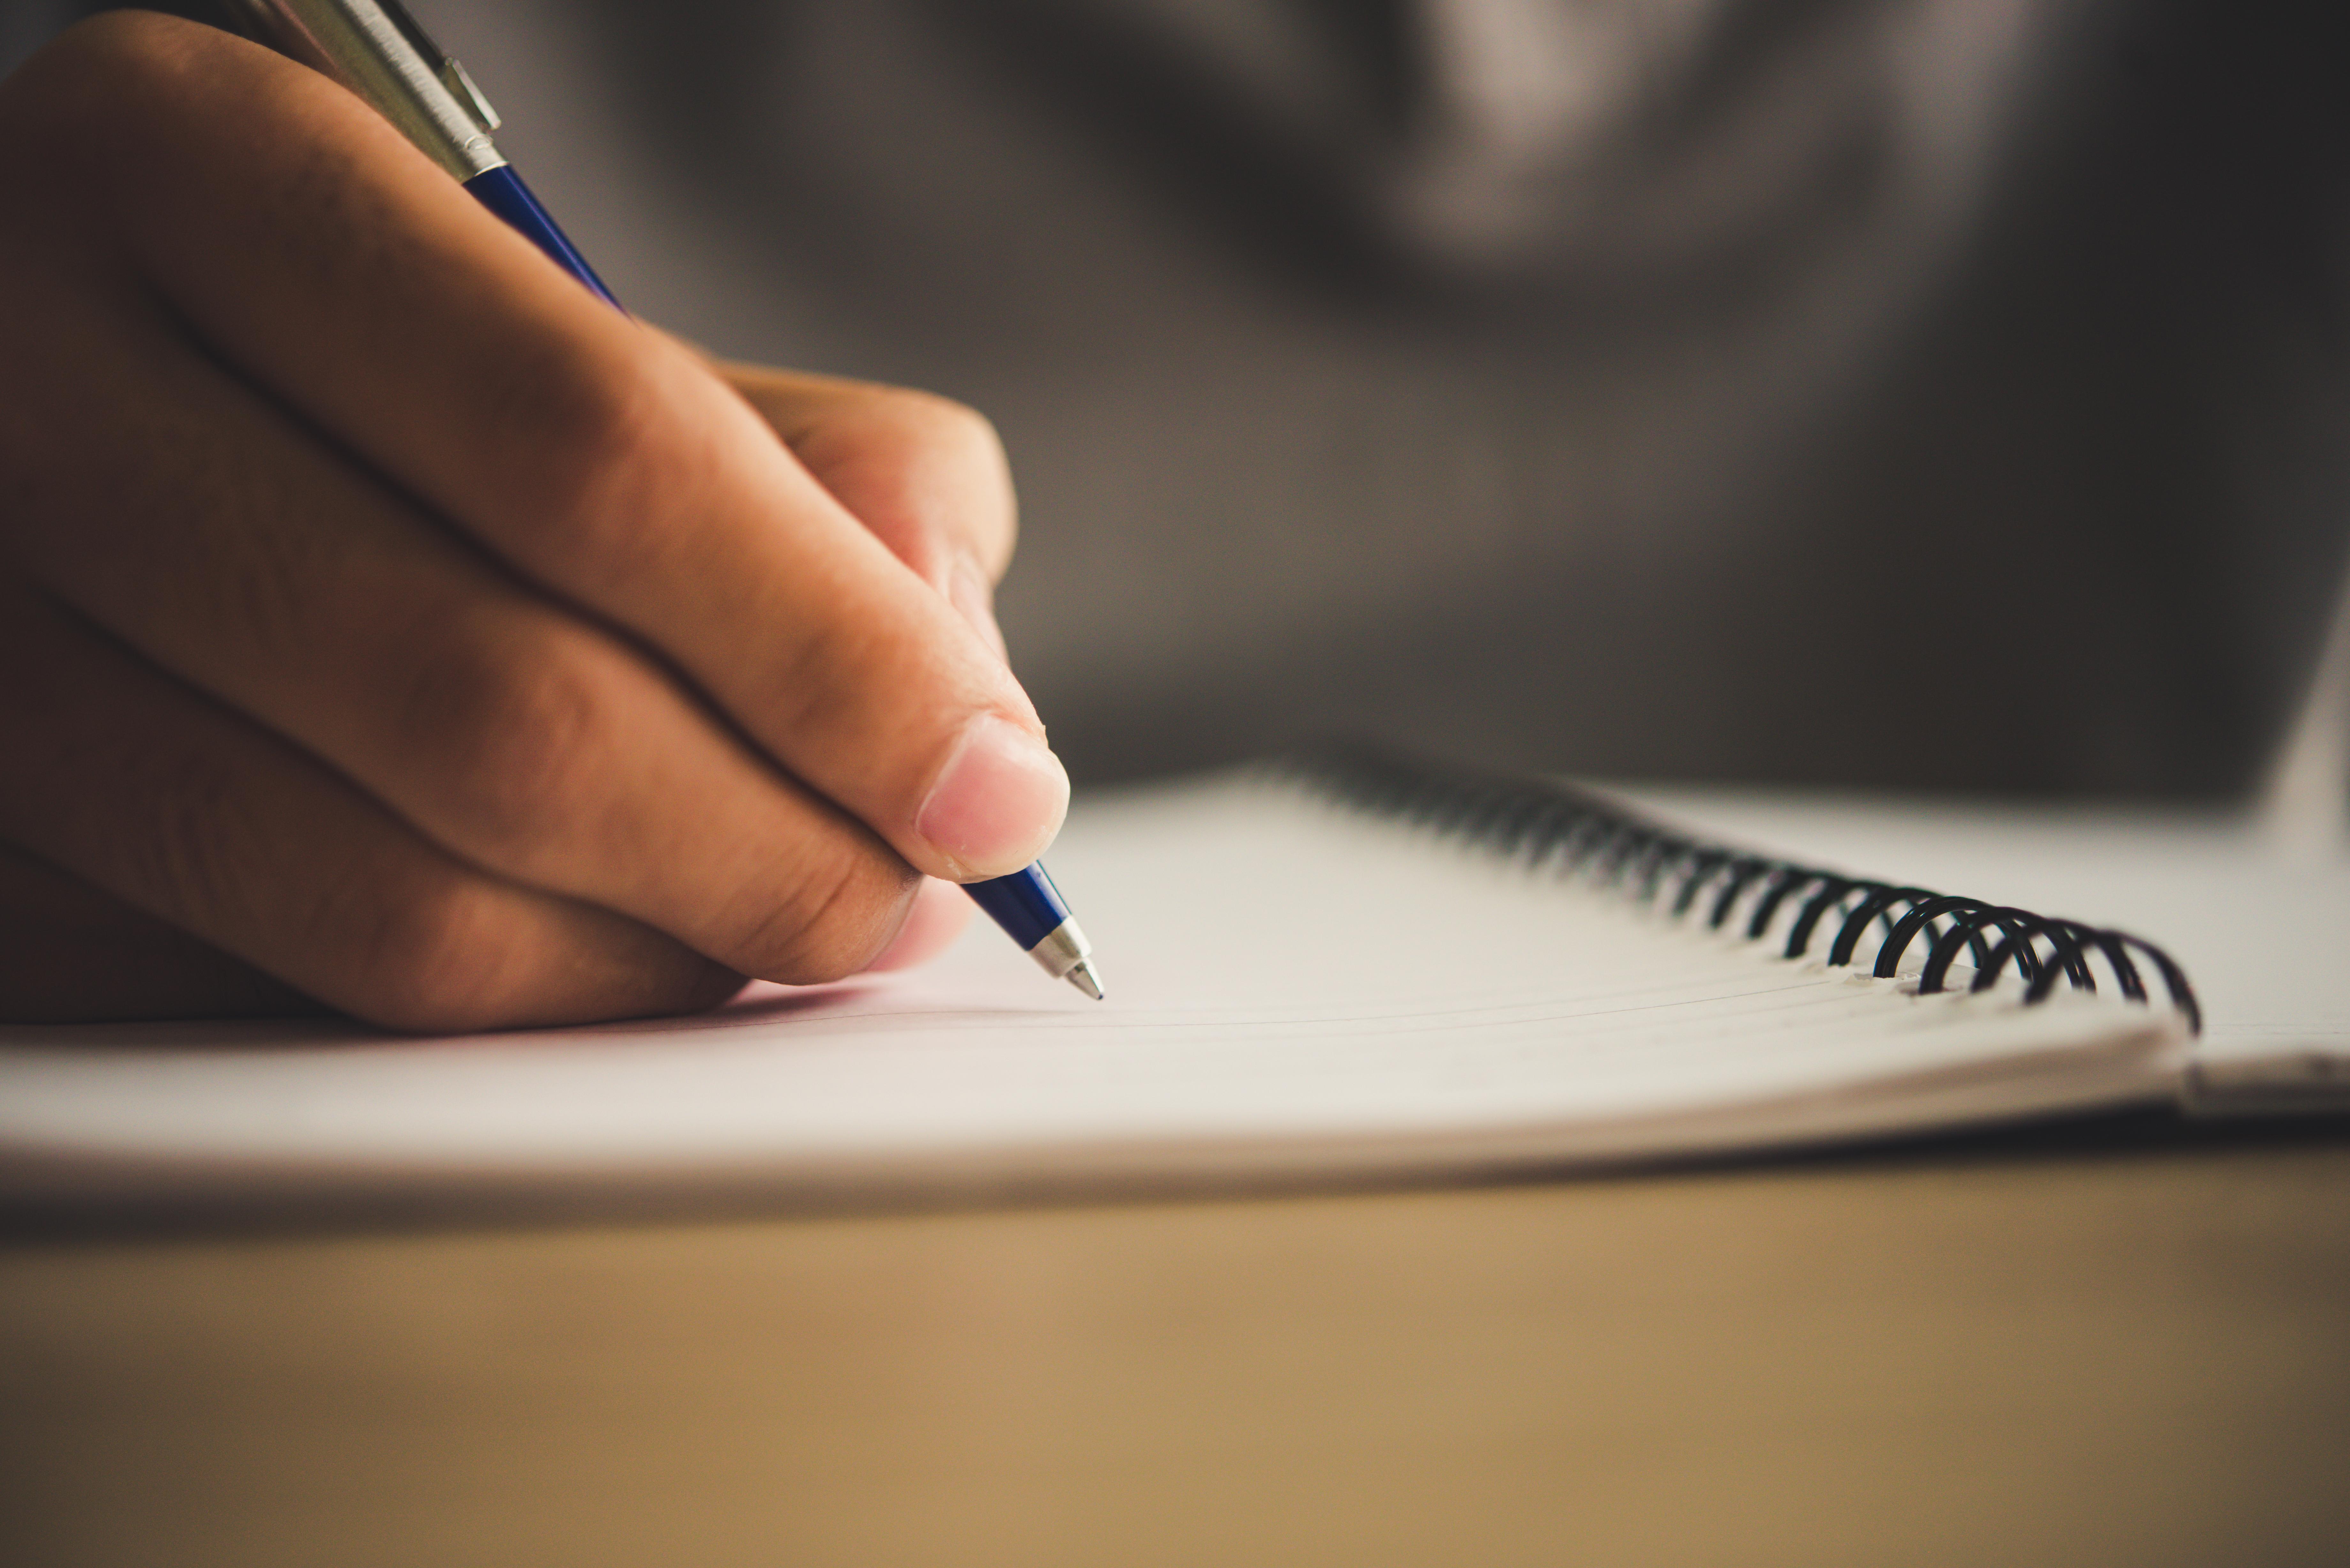 13 dicas para se concentrar na hora dos estudos | Blog do Zé Moleza